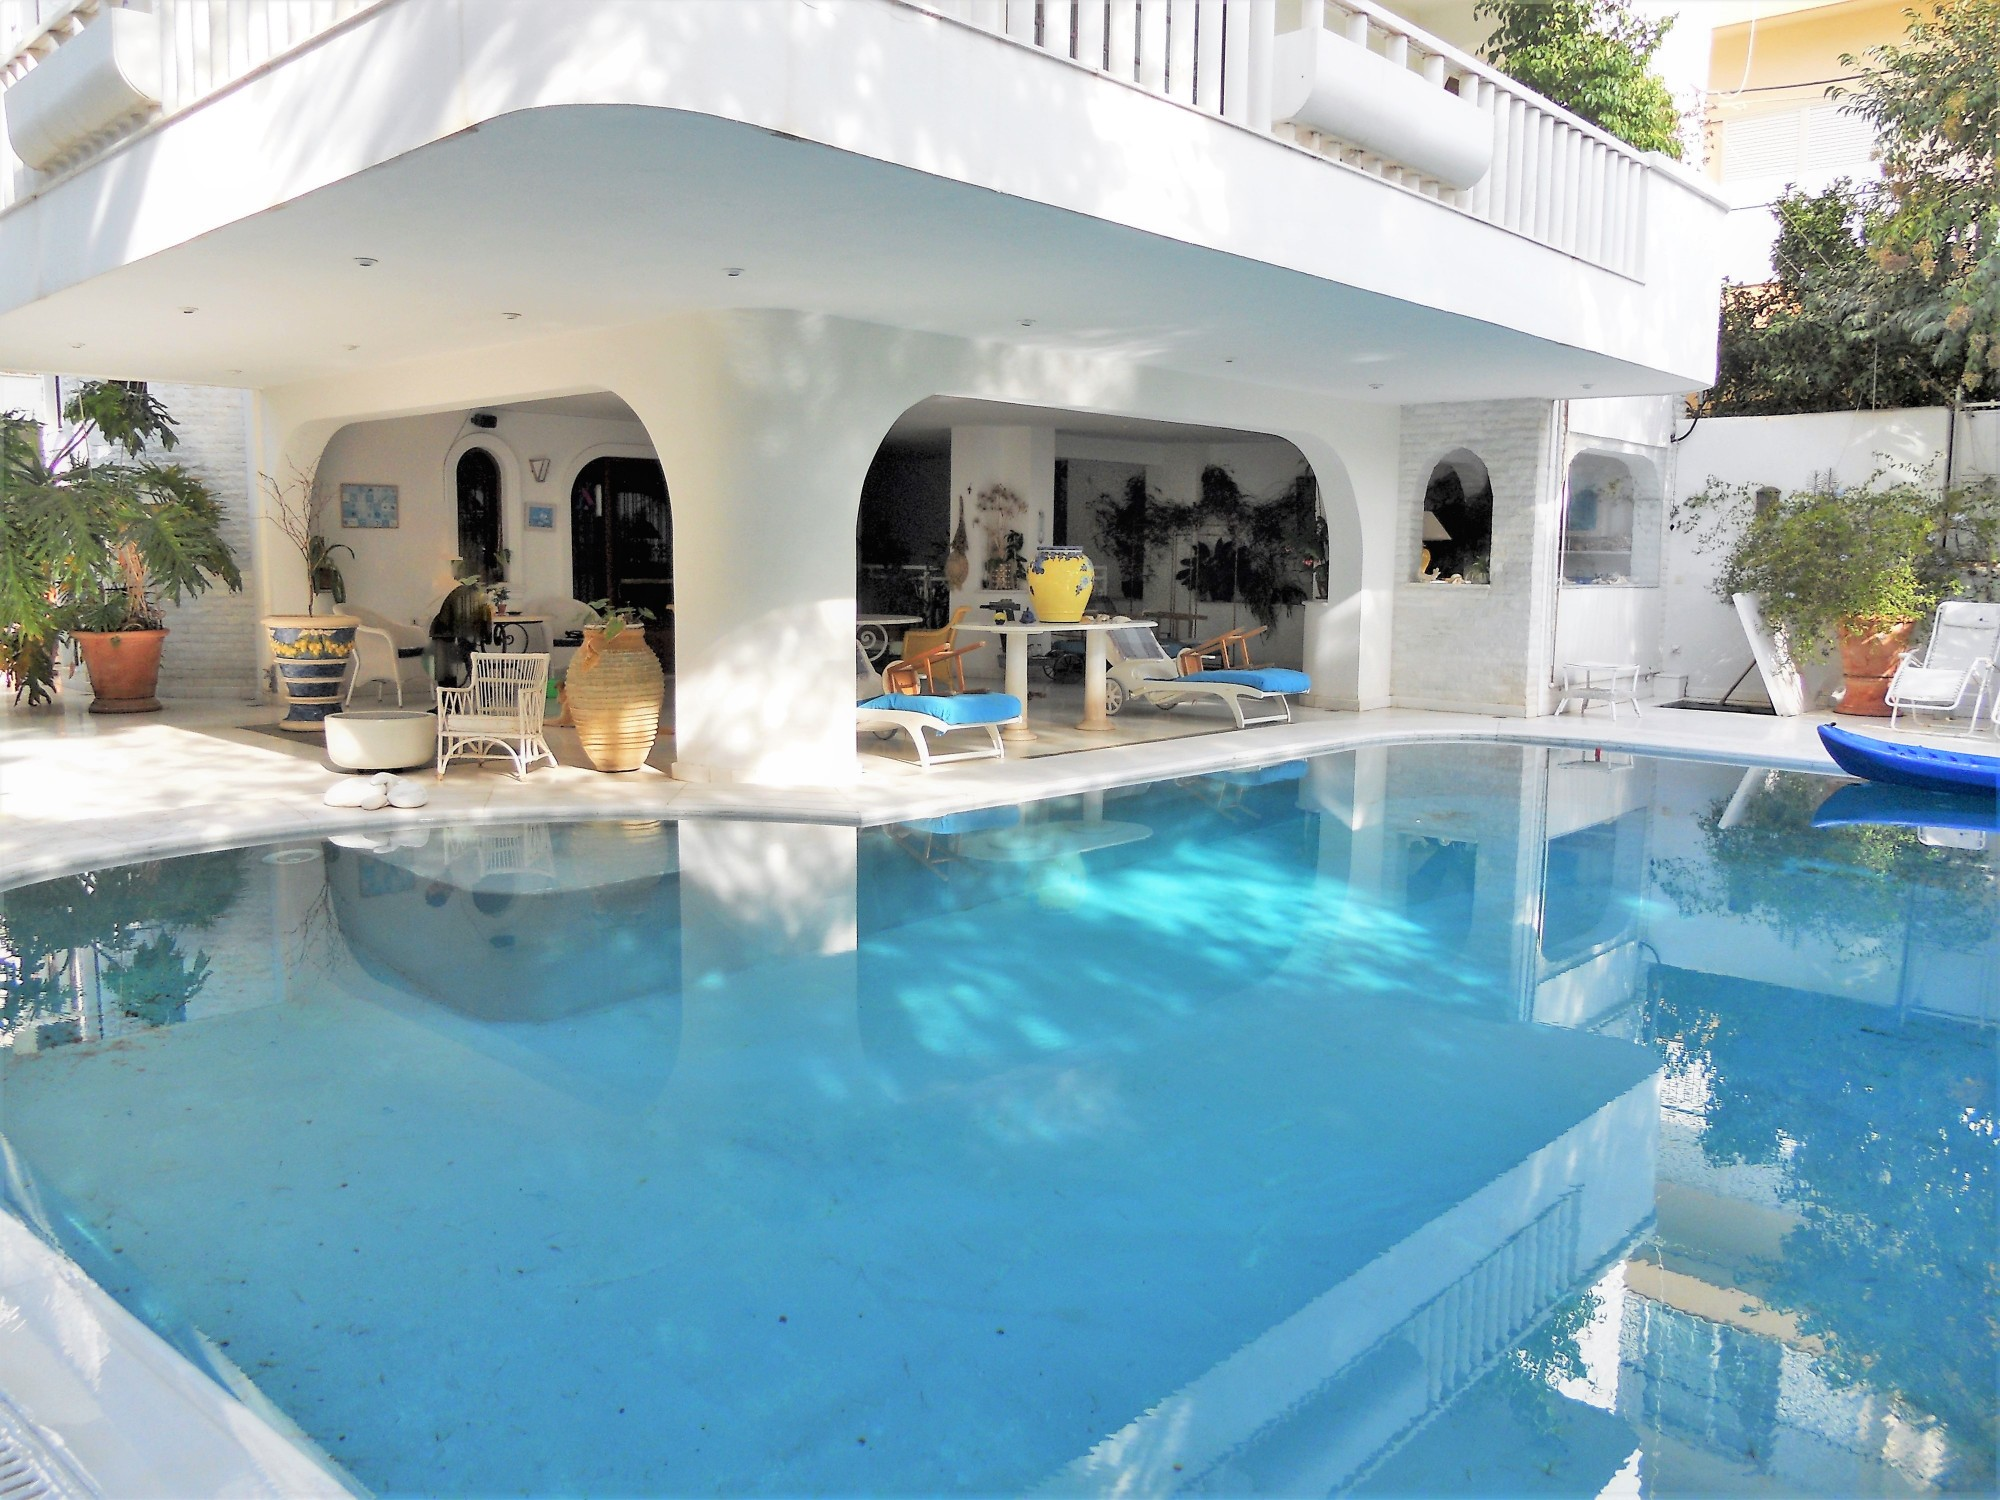 La piscine de la maison à la vente en Grèce